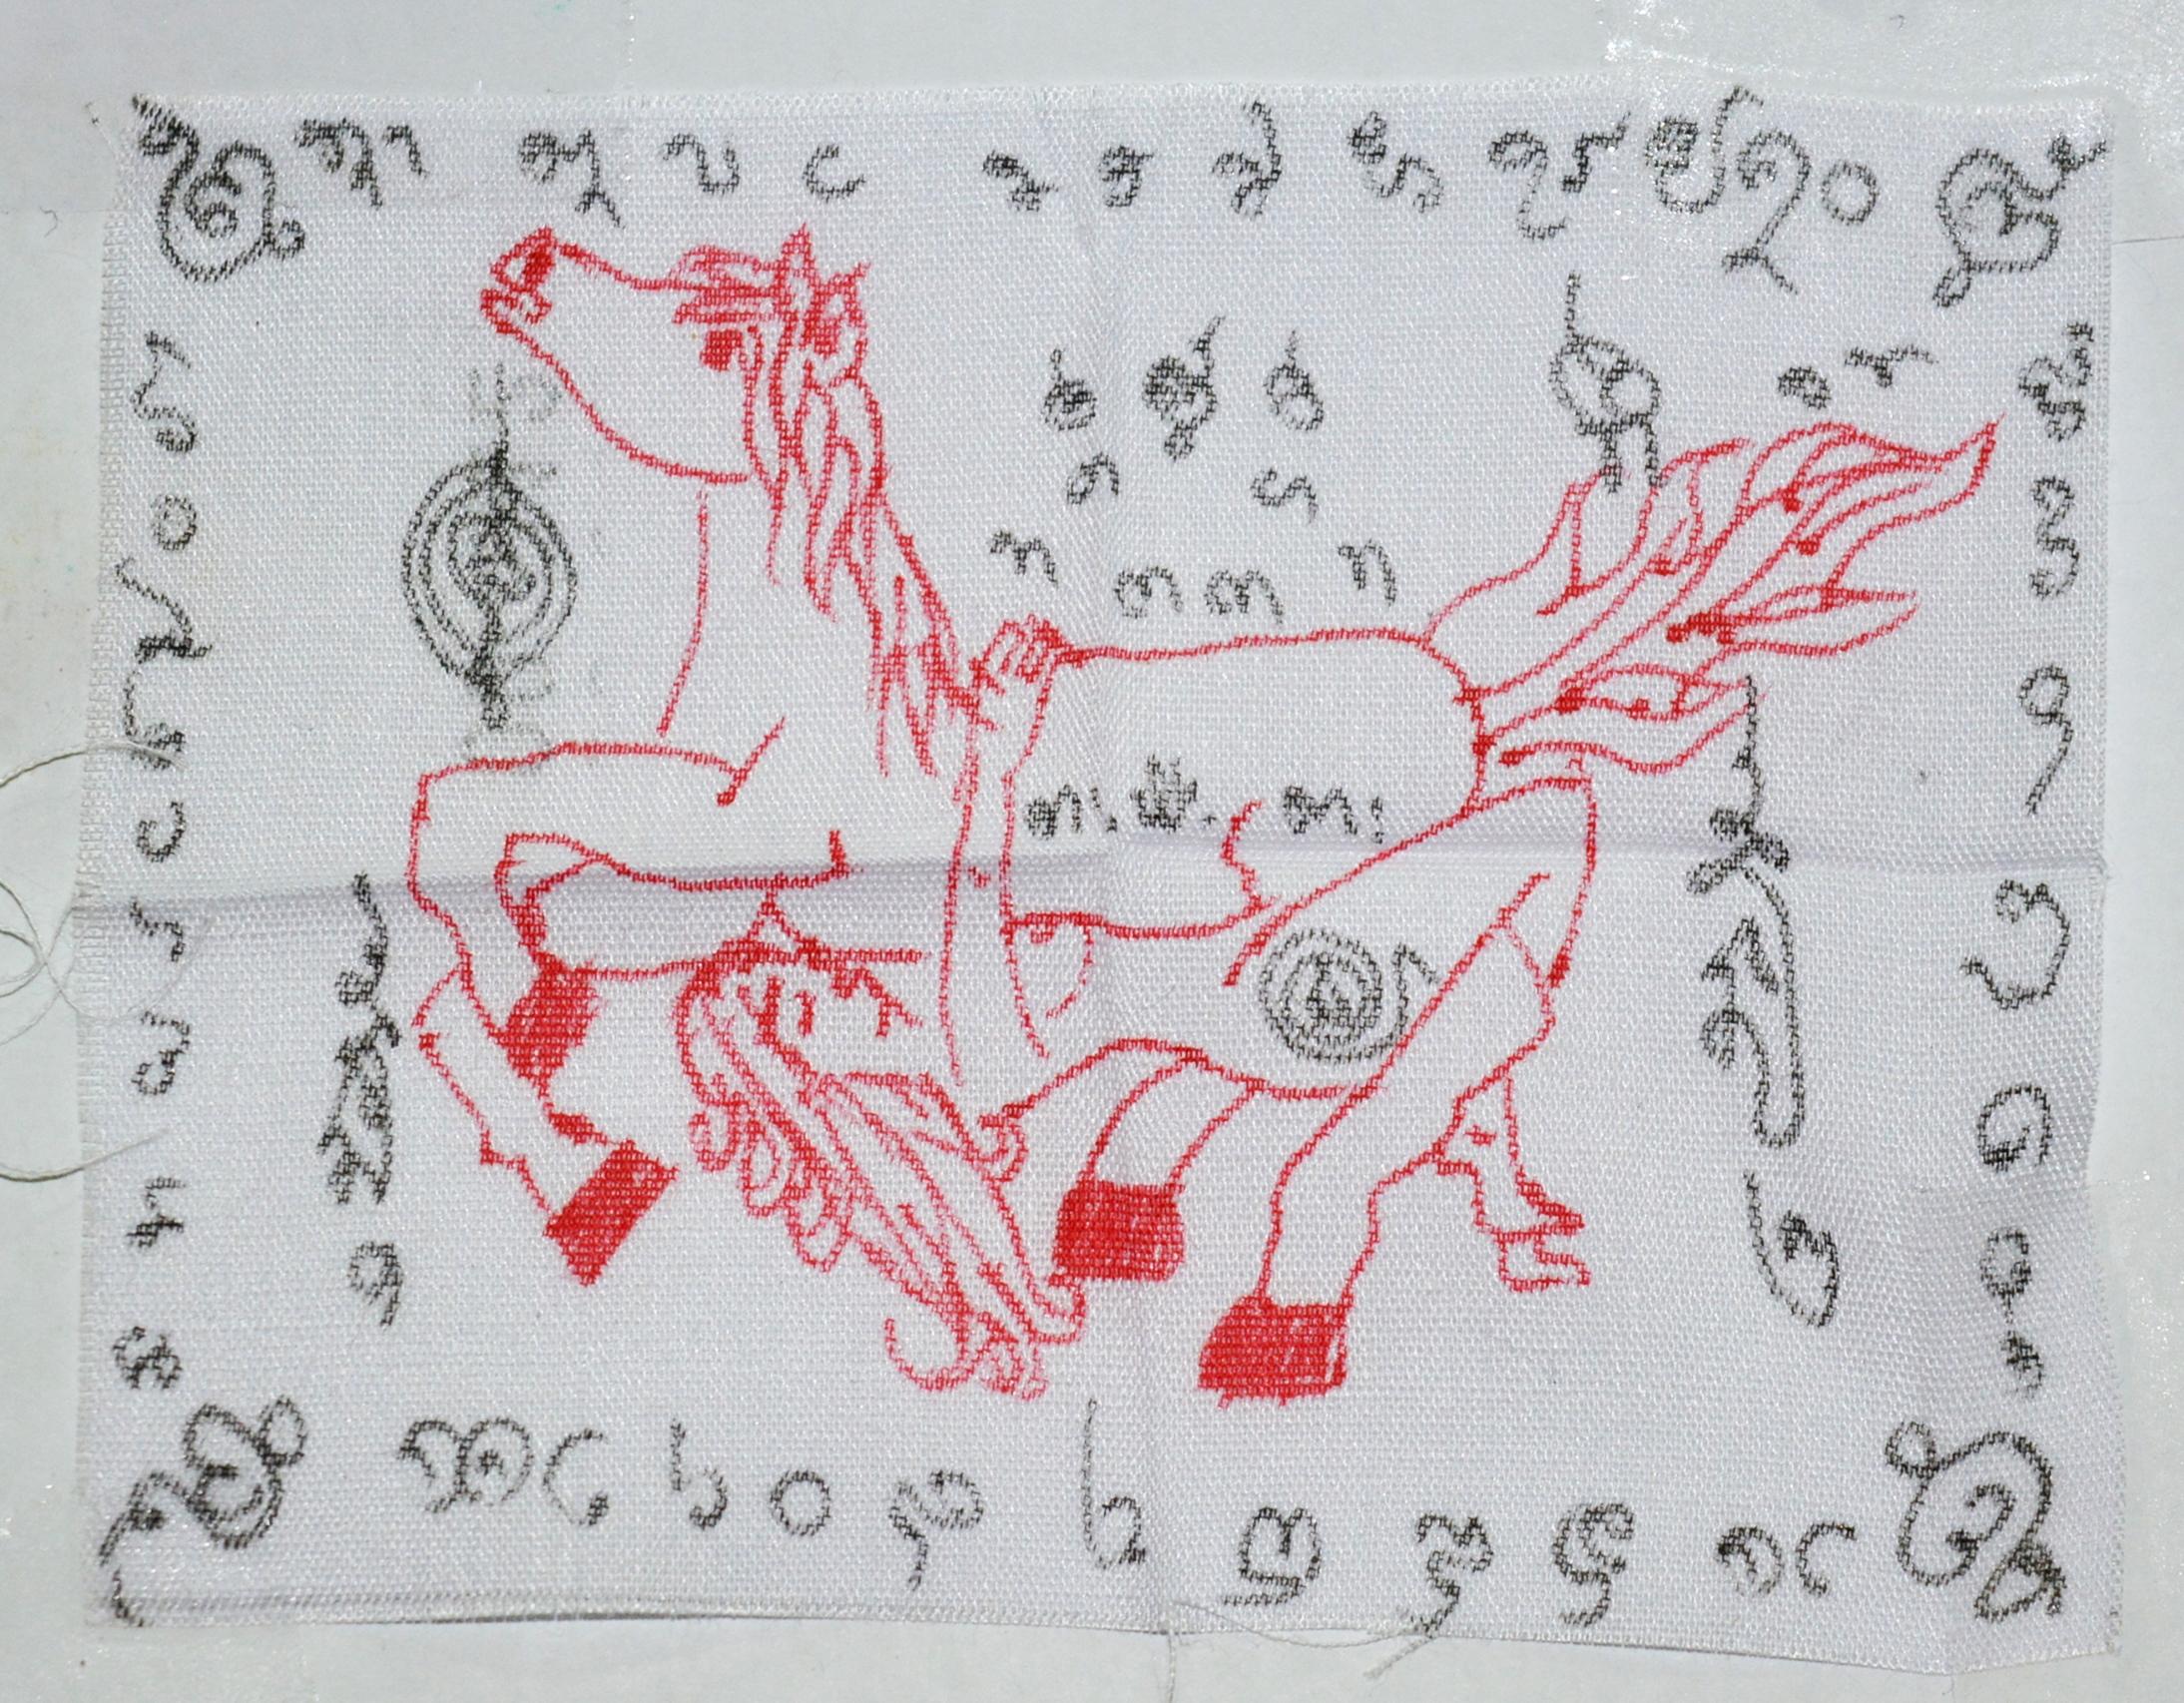 ผ้ายันต์ม้าเสพนาง มหาเสน่ห์ 10 ทิศ หลวงพ่อสามชัย วัดดอนกระดี่ อ่างทอง 2558